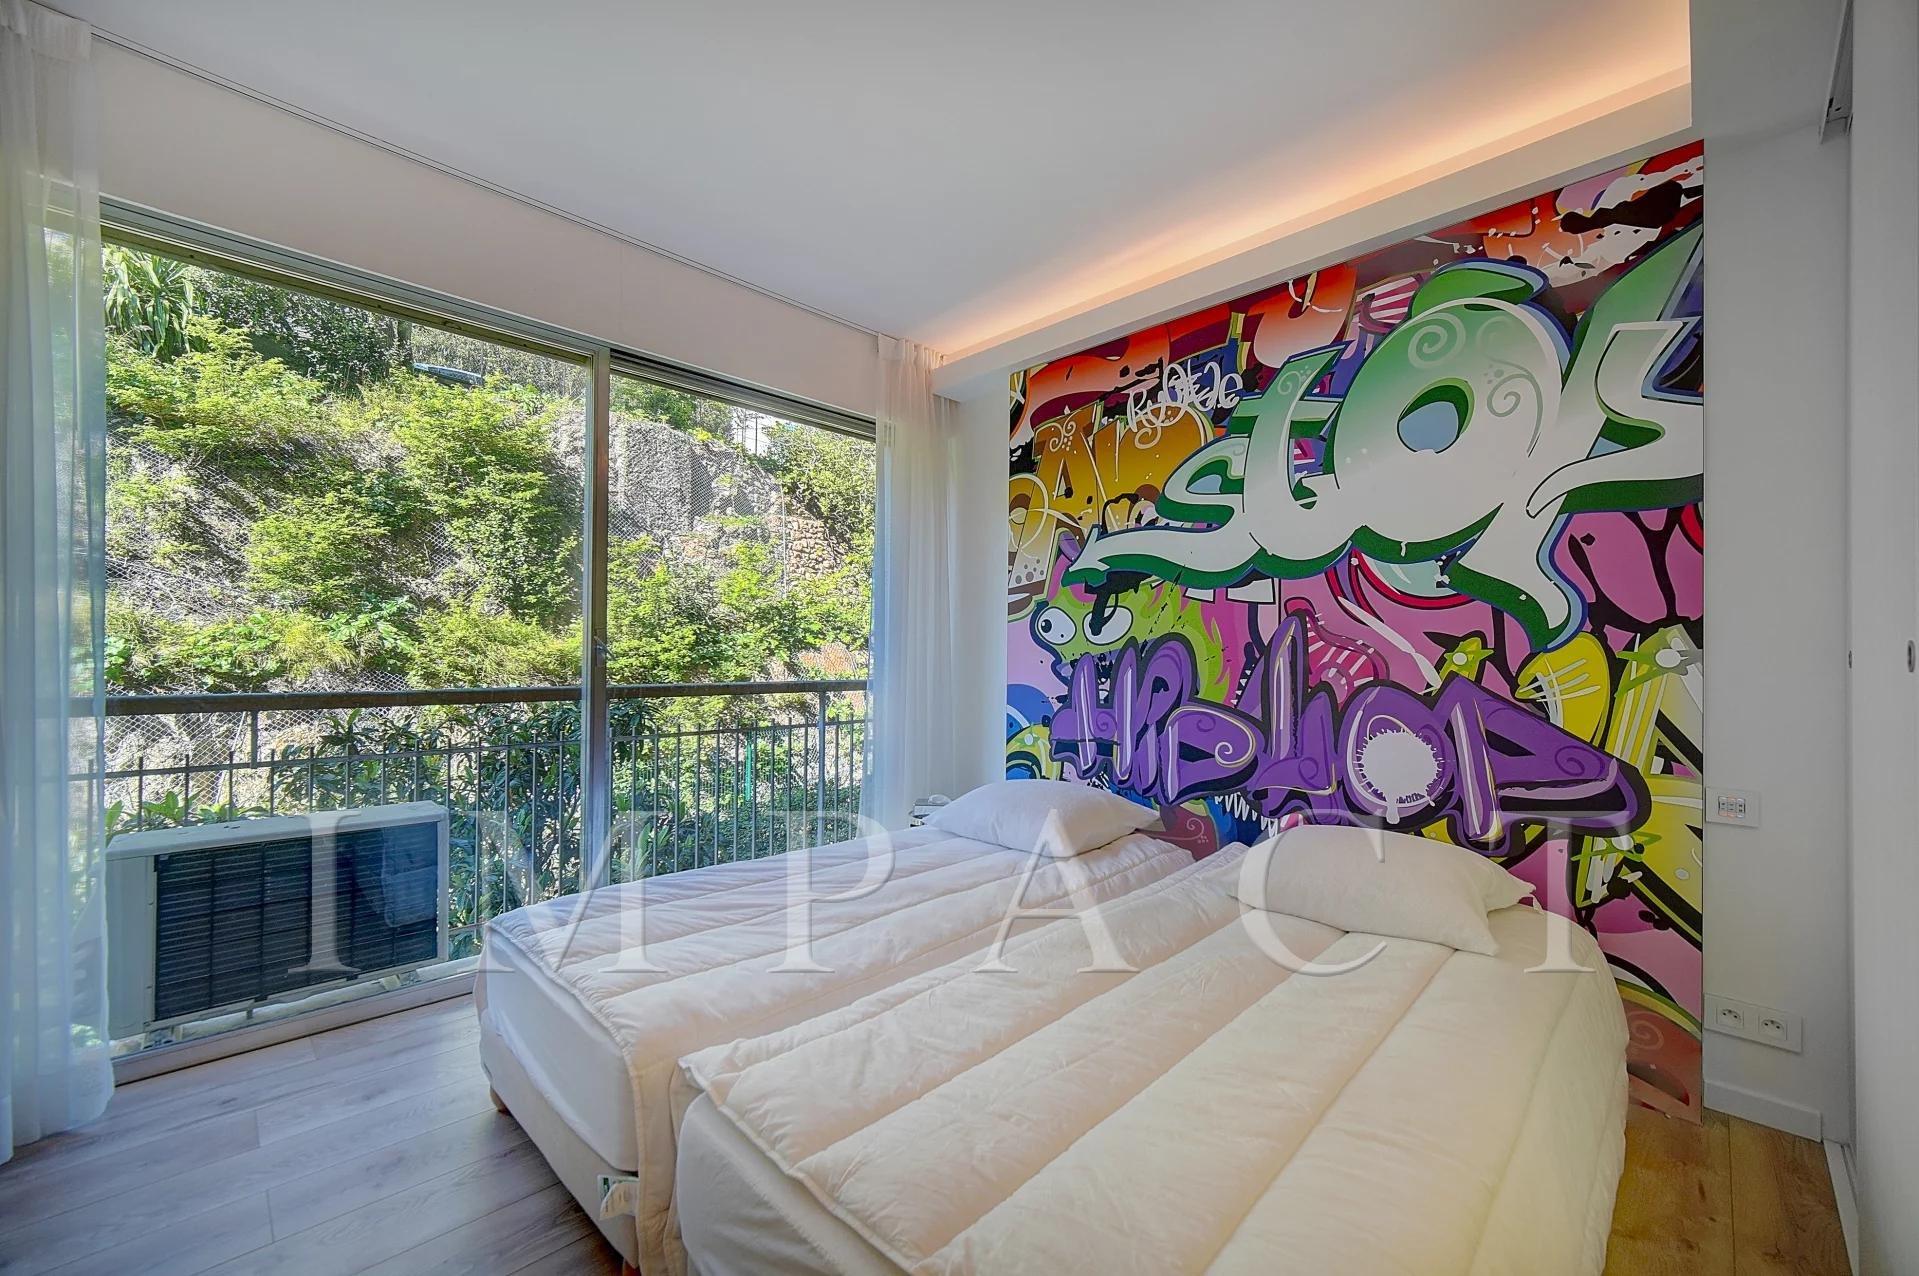 2 bedroom apartement for seasonal rent